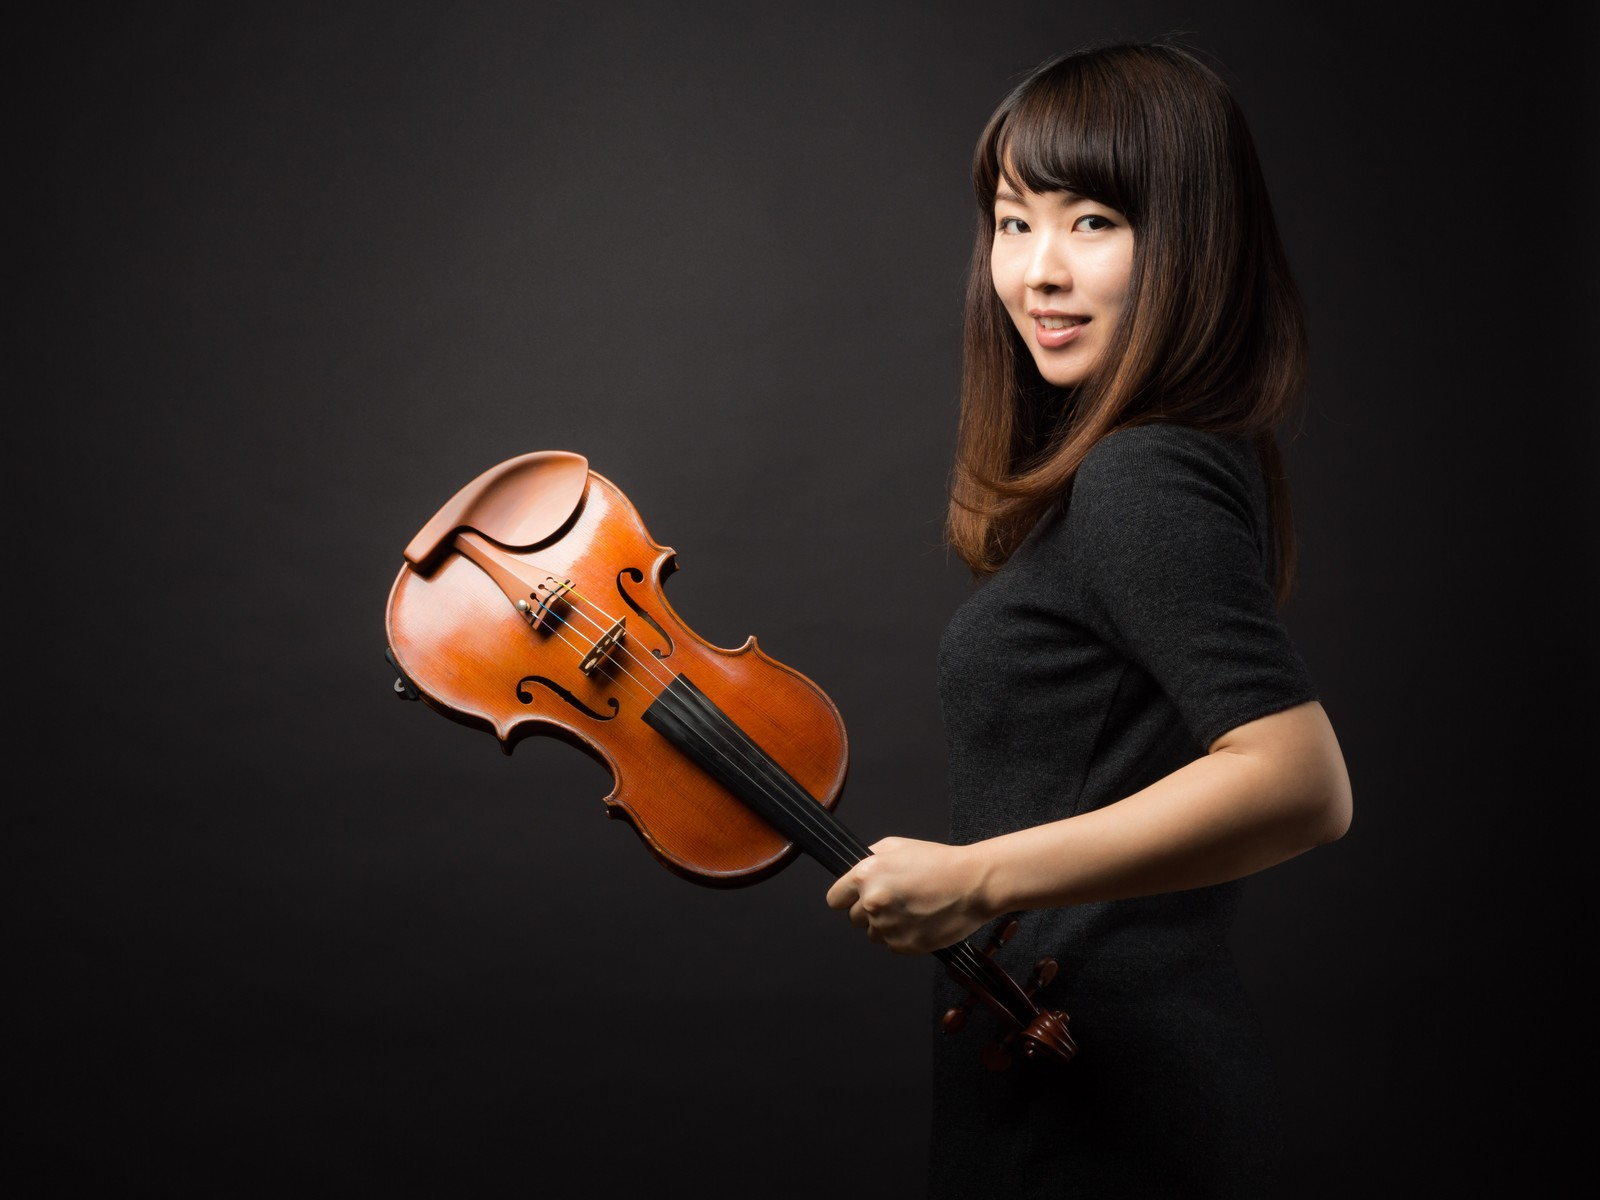 「ヴァイオリンと女性ヴァイオリンと女性」[モデル:yukiko]のフリー写真素材を拡大